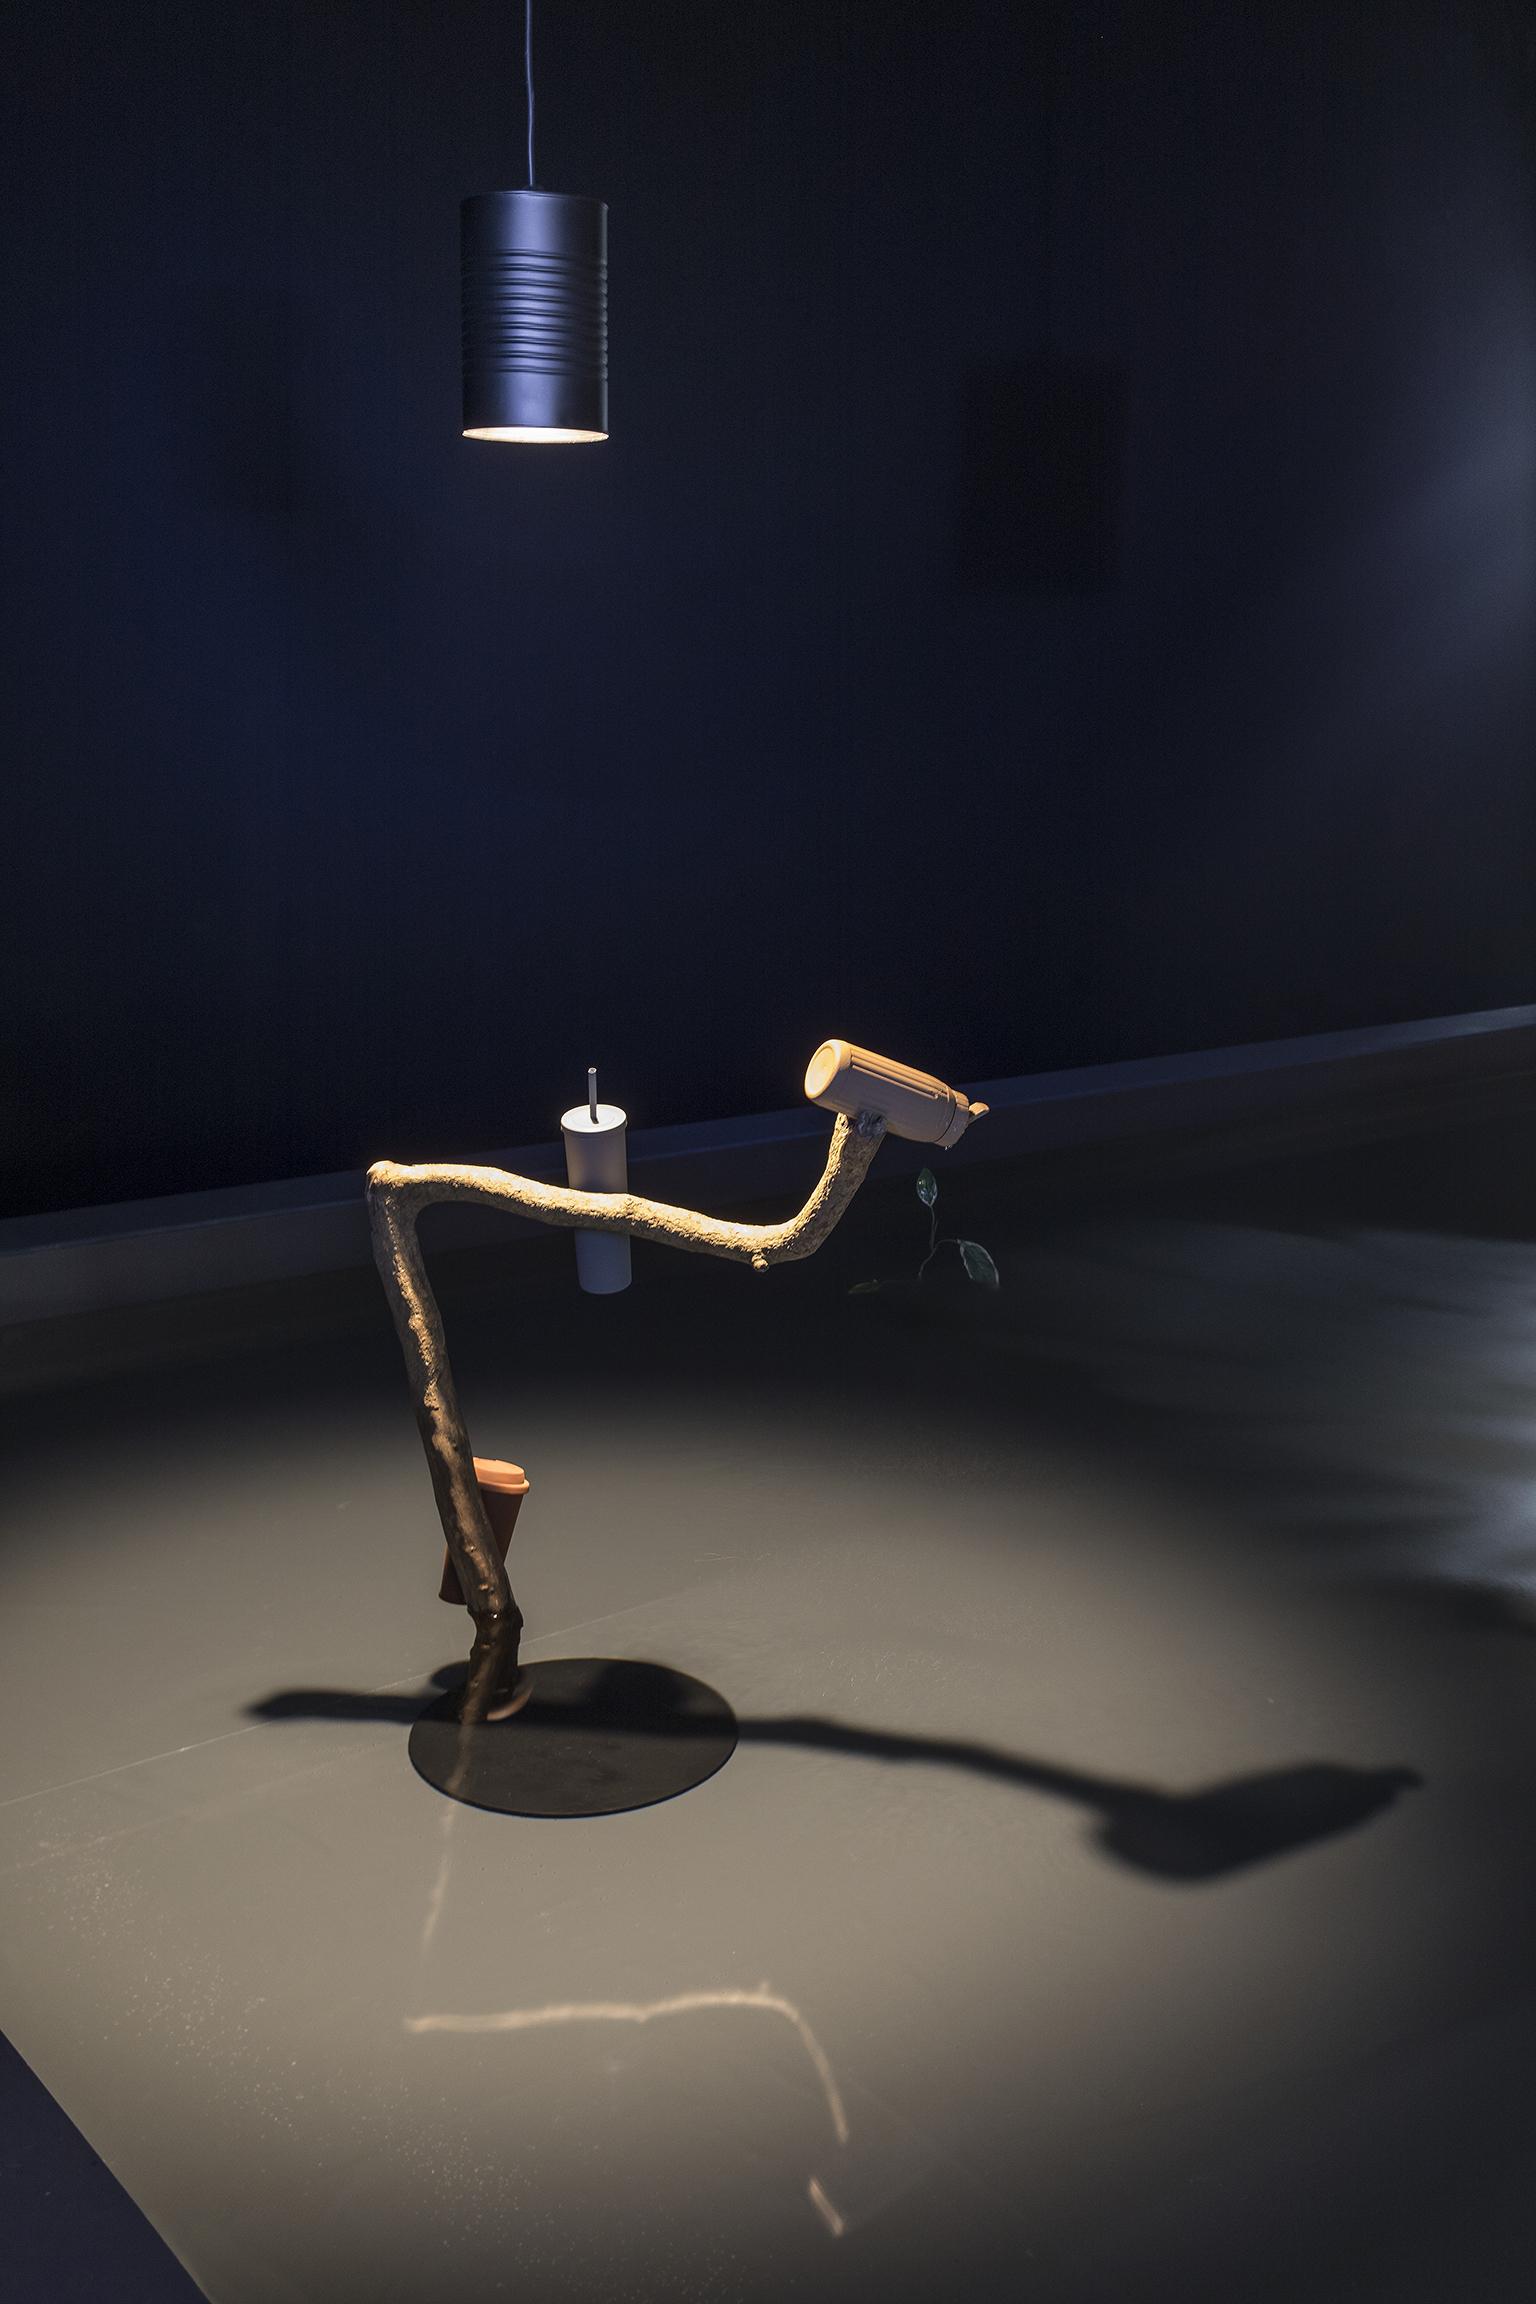 Gareth Moore, Broken Fountain (Constantly Emitting), 2017, branch, plastic, paint, 39 x 18 x 34 in. (98 x 46 x 61 cm). Installation view, A Dark Switch Yawning..., Salzburger Kunstverein, Salzburg, 2017 by